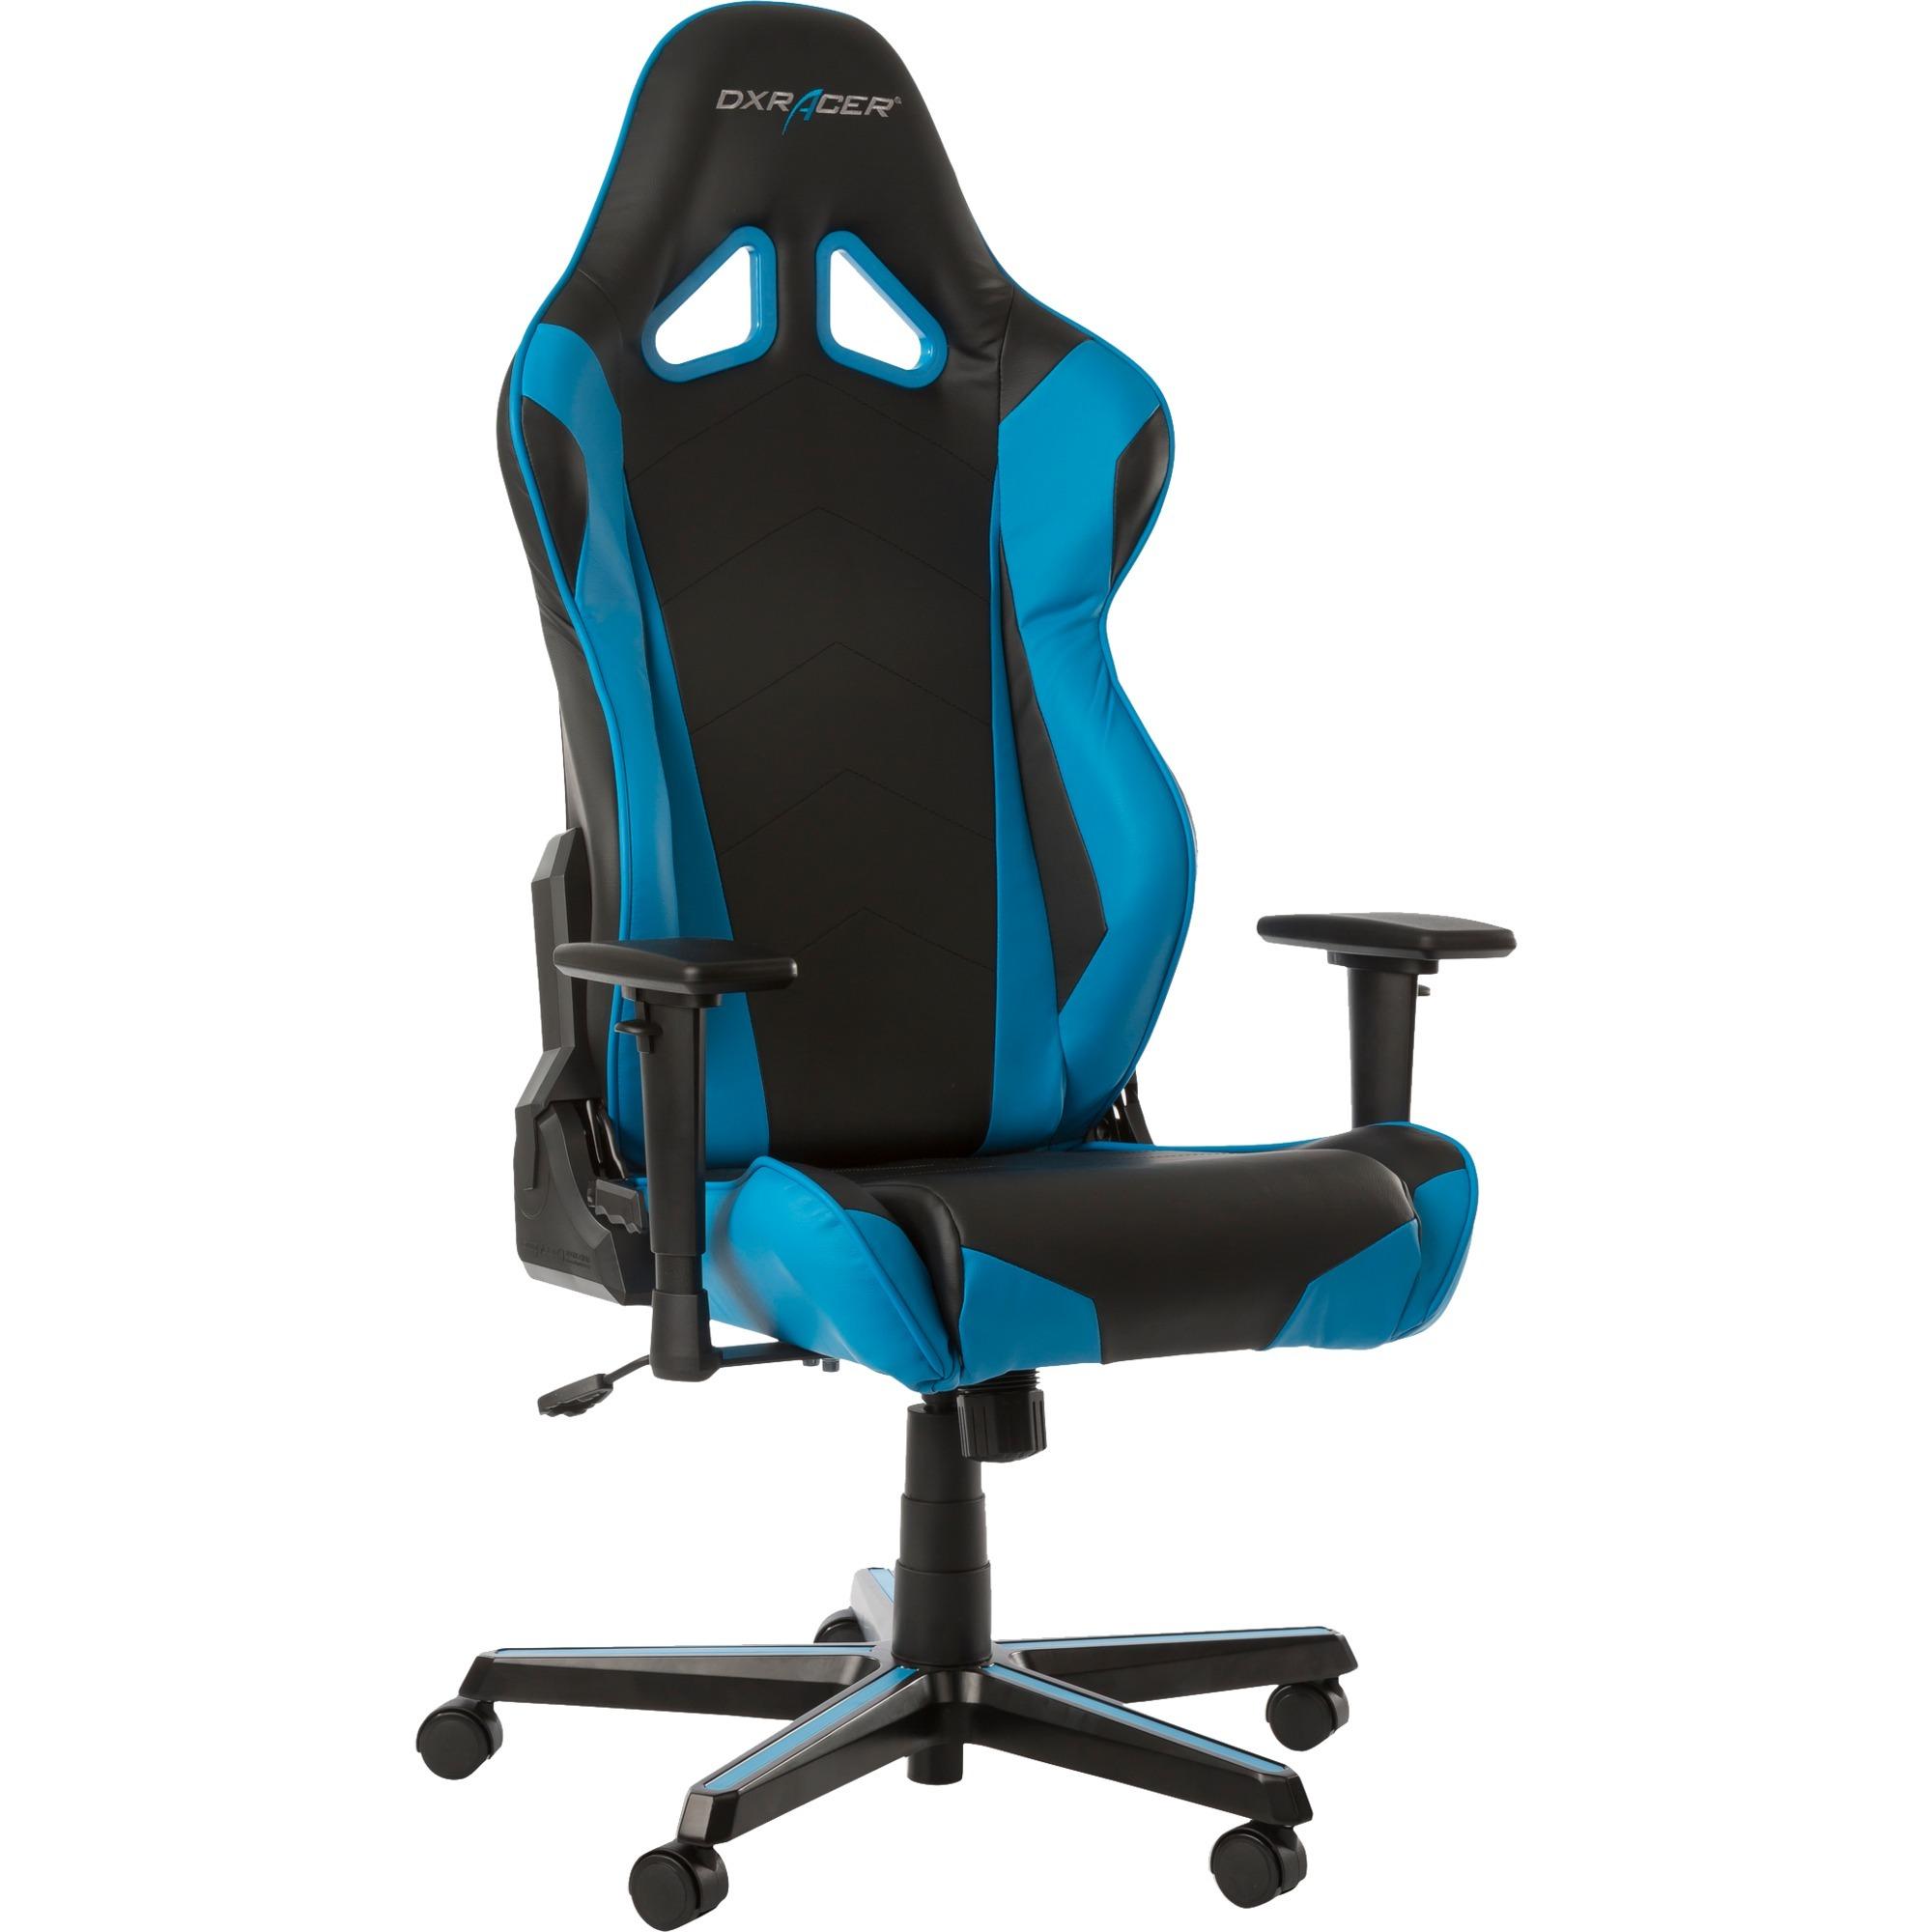 Racing Series Gaming Chair - Black/Blue OH/RZ0/NB Asiento acolchado Respaldo acolchado silla de oficina y de ordenador, Asientos de juego